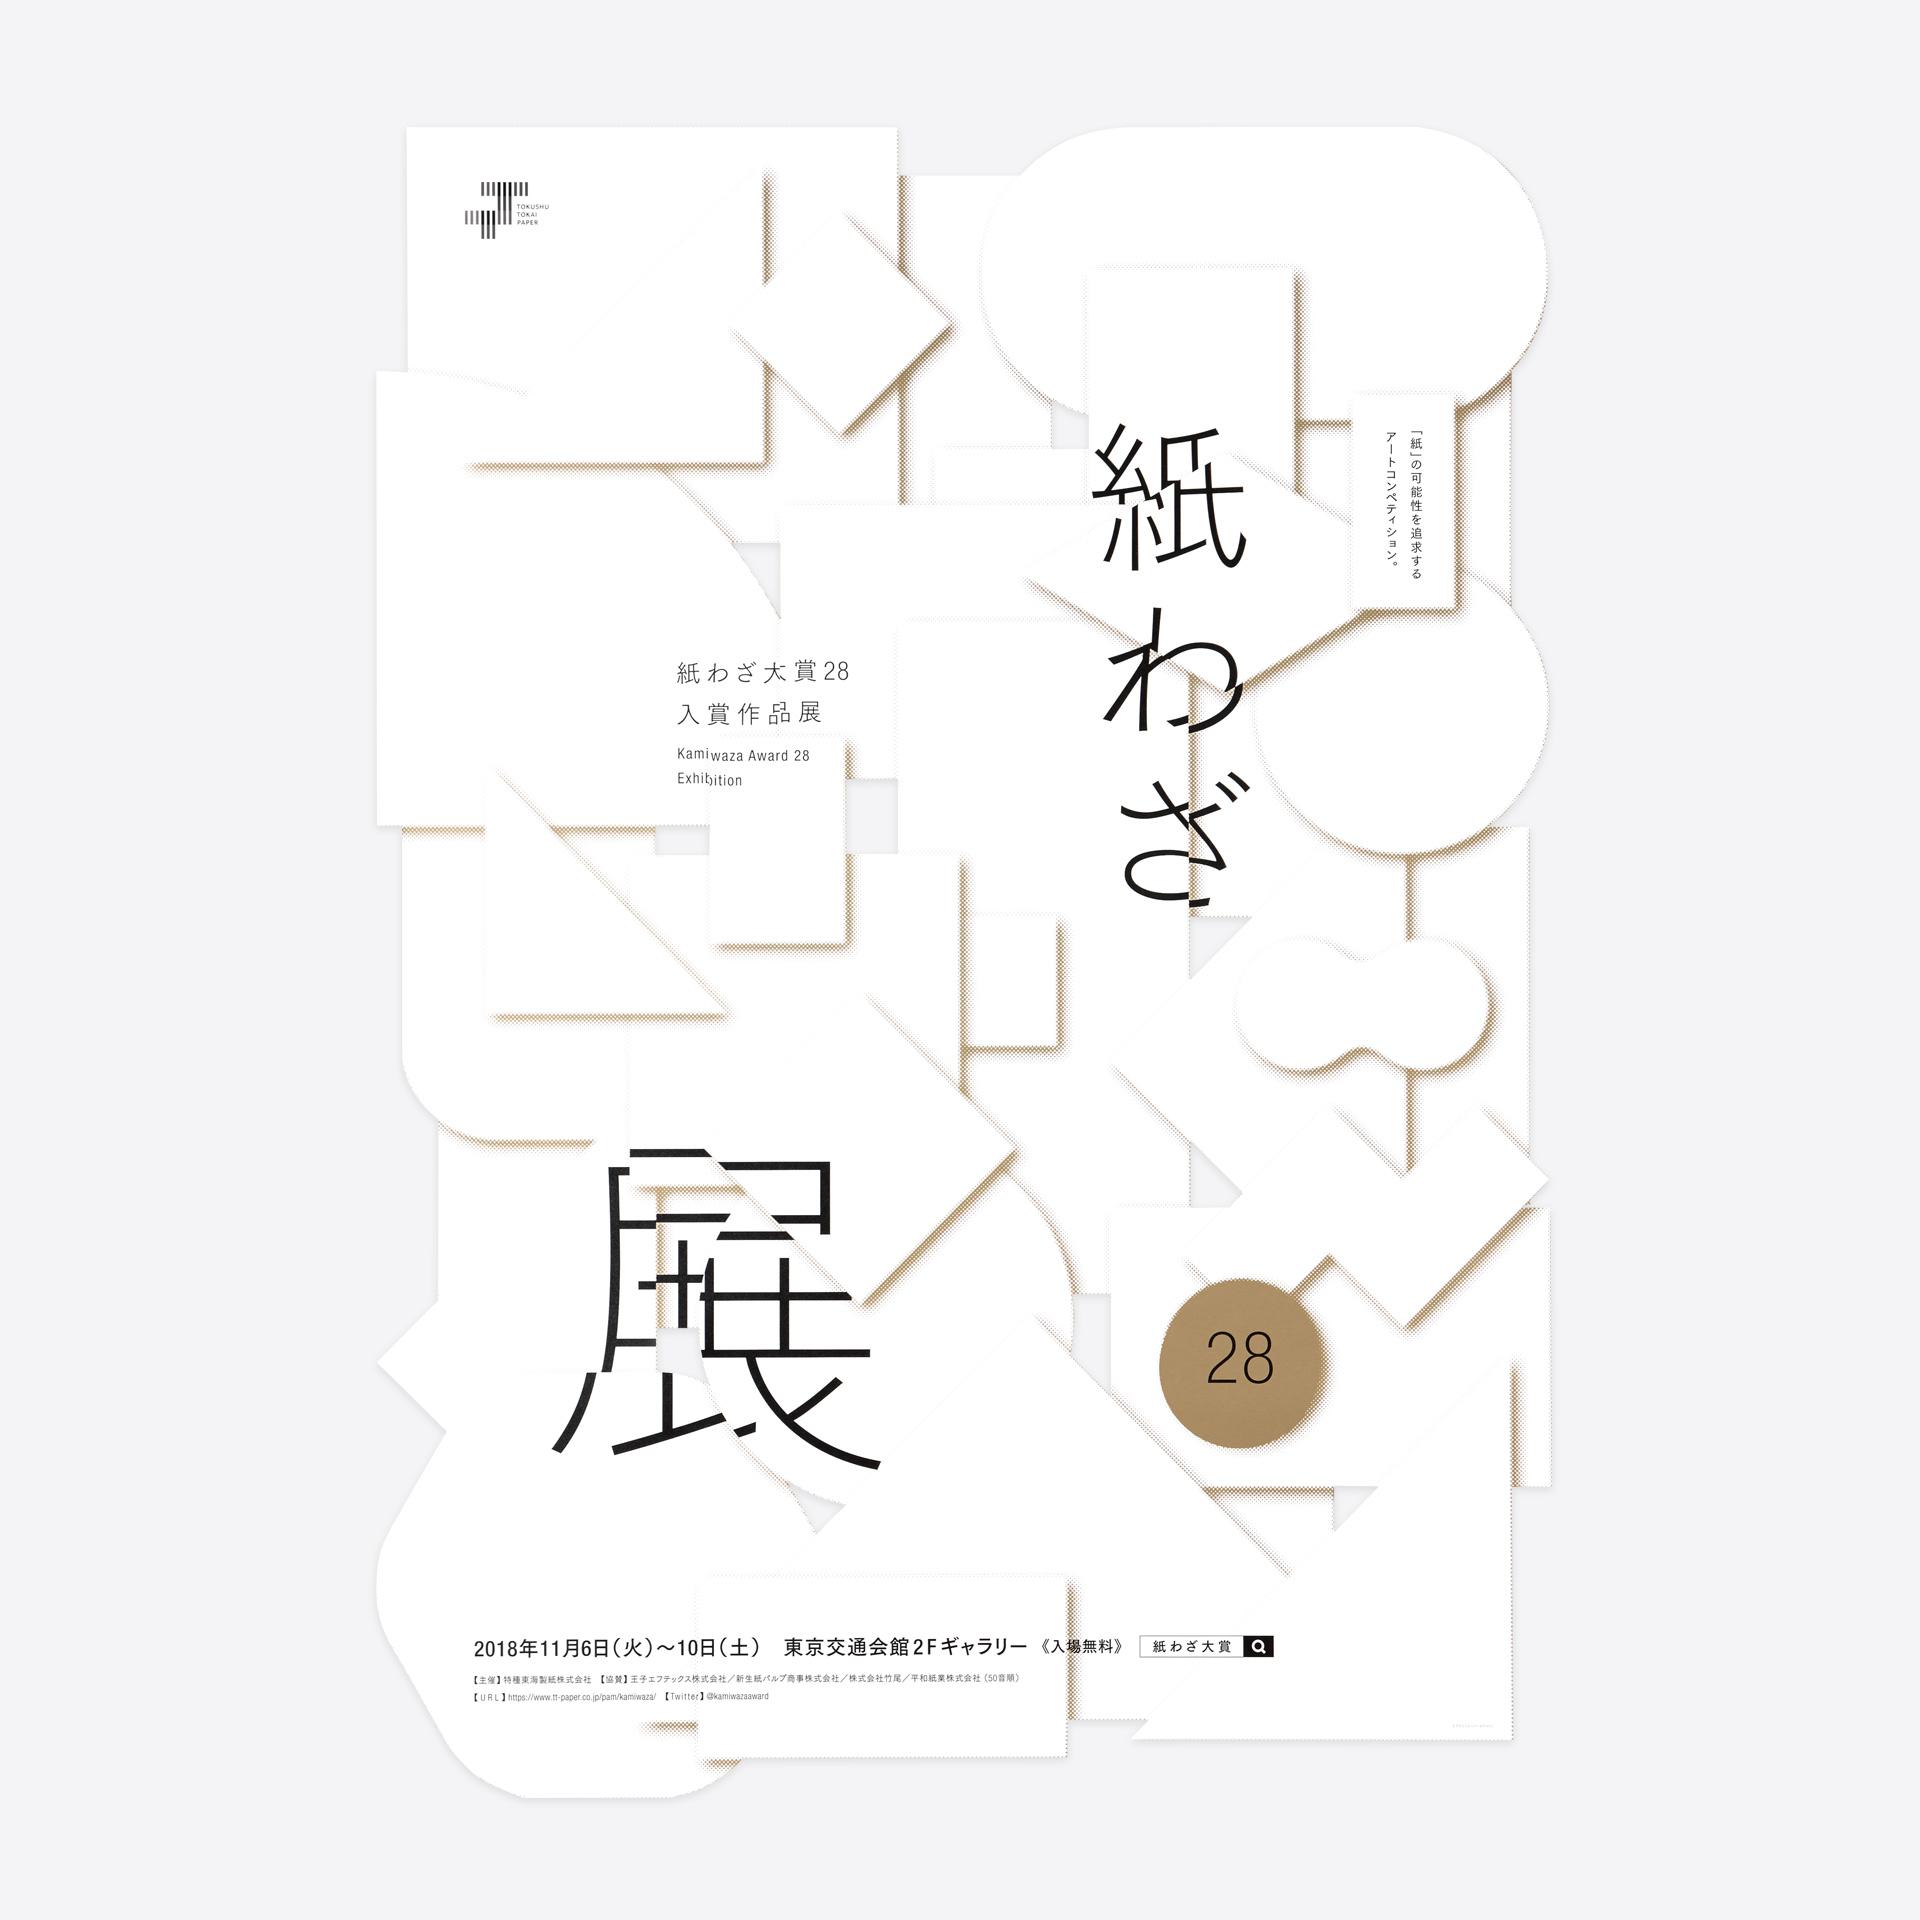 紙わざ大賞 28 入賞作品展 room composite